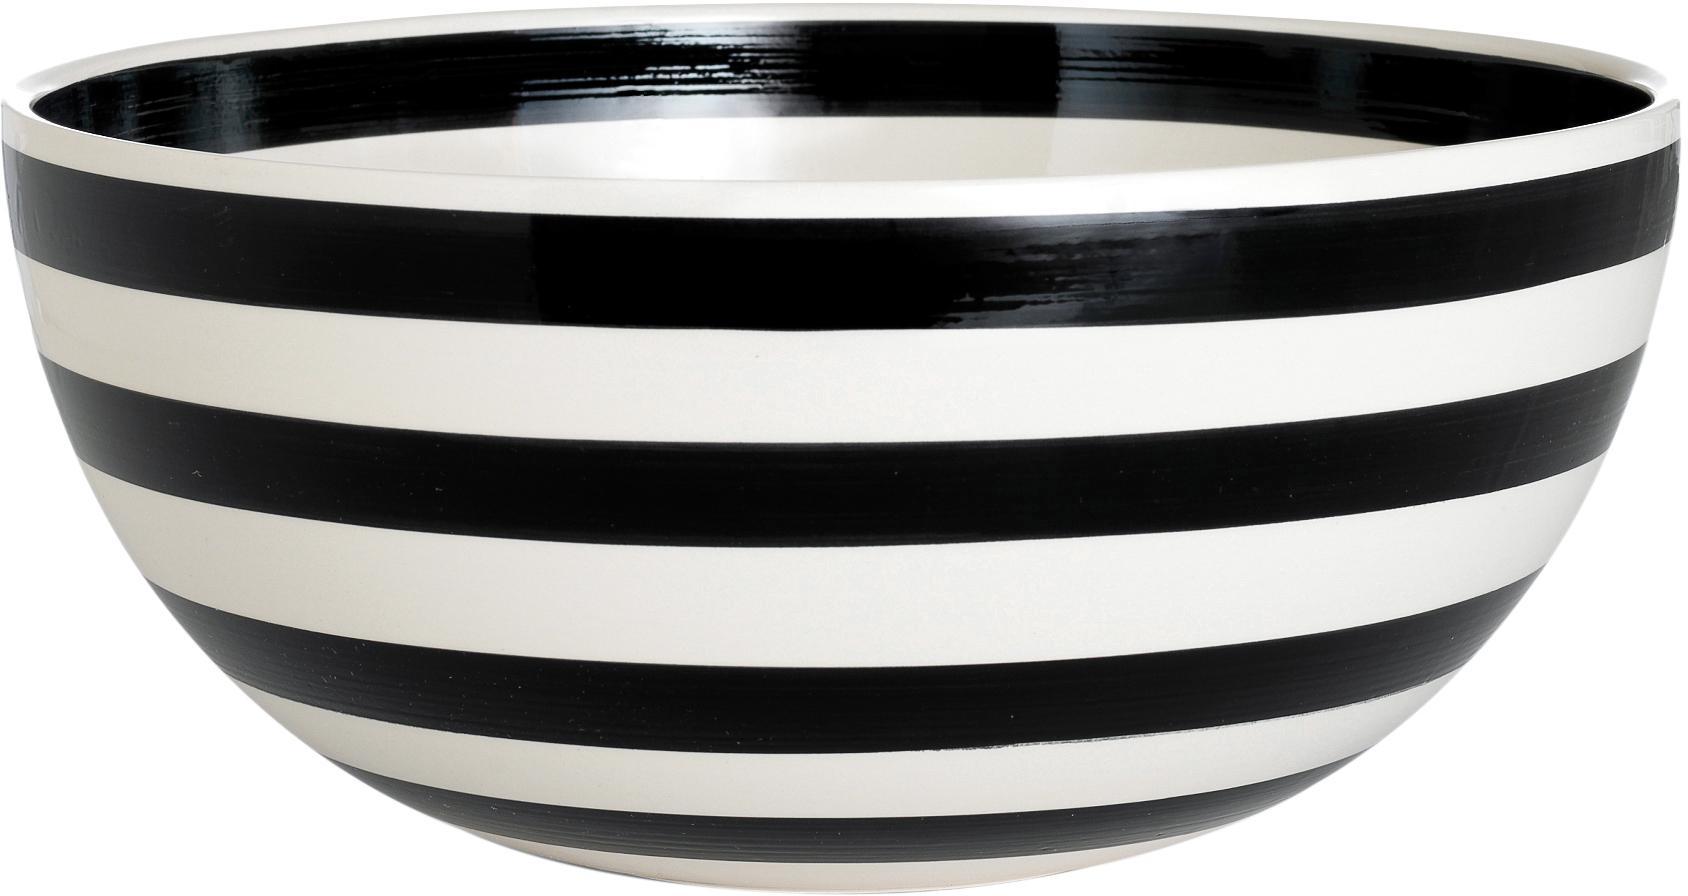 Schüssel Omaggio, Keramik, Schwarz, Weiß, Ø 30 x H 14 cm